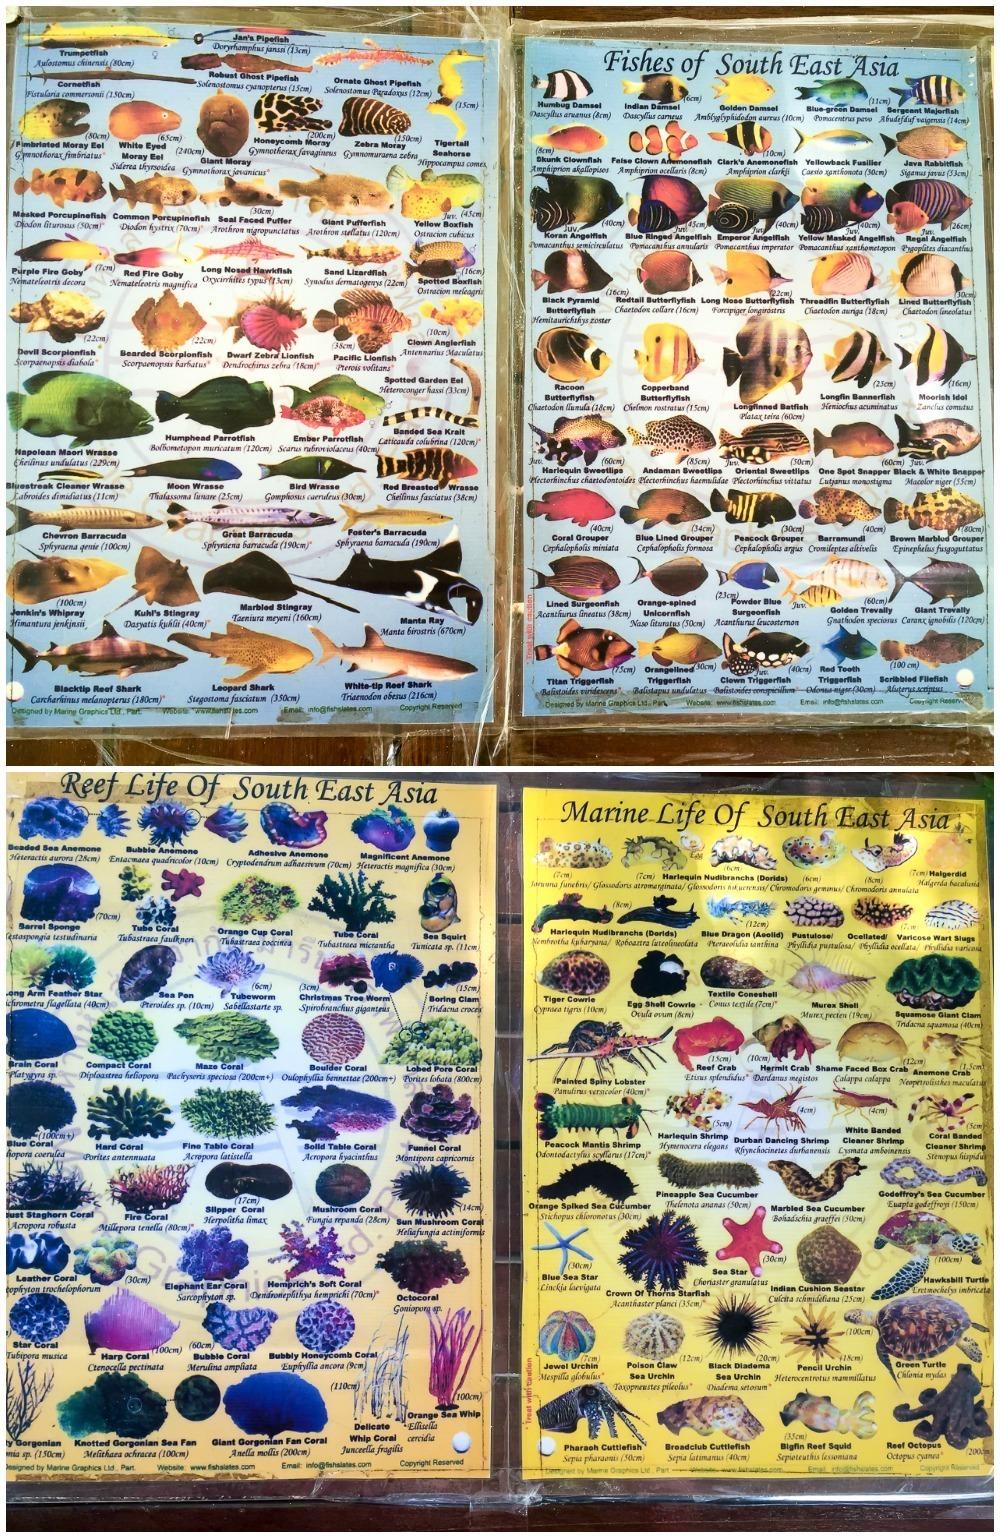 Sea Life of Southeast Asia - Borneo